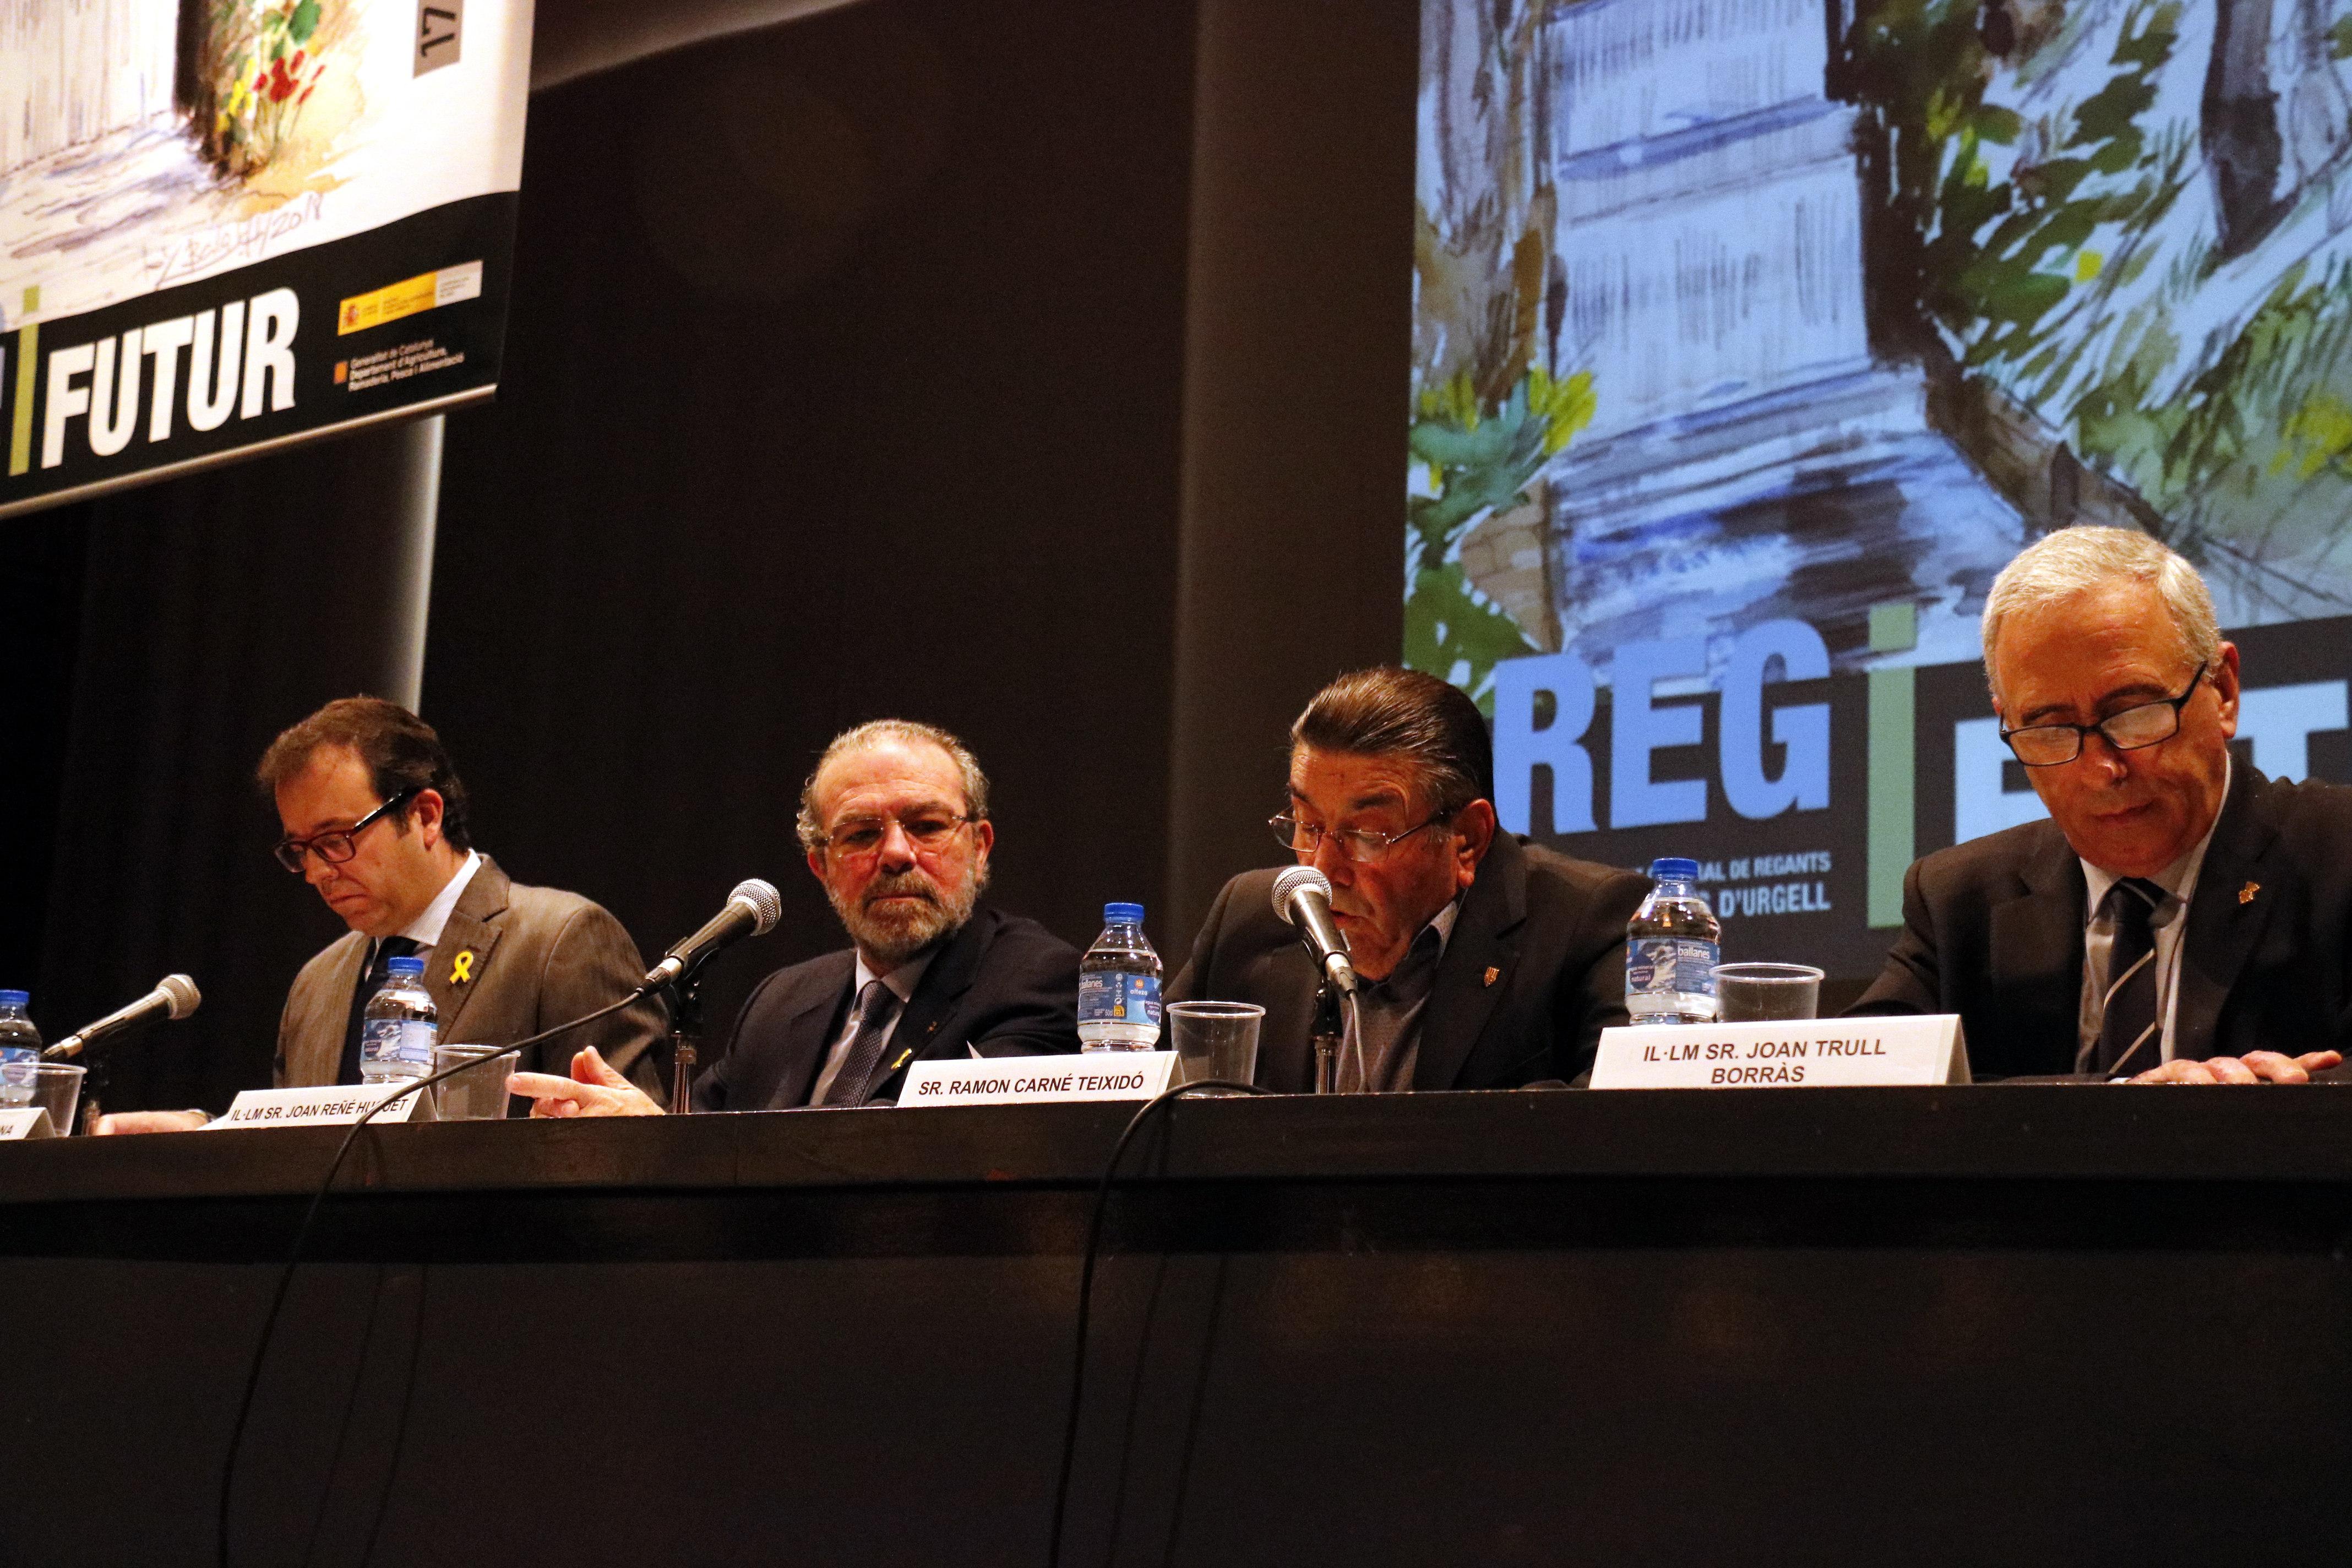 Els regants del Canal d'Urgell tenen reserves per garantir la campanya de reg que no preveuen avançar tot i la sequera